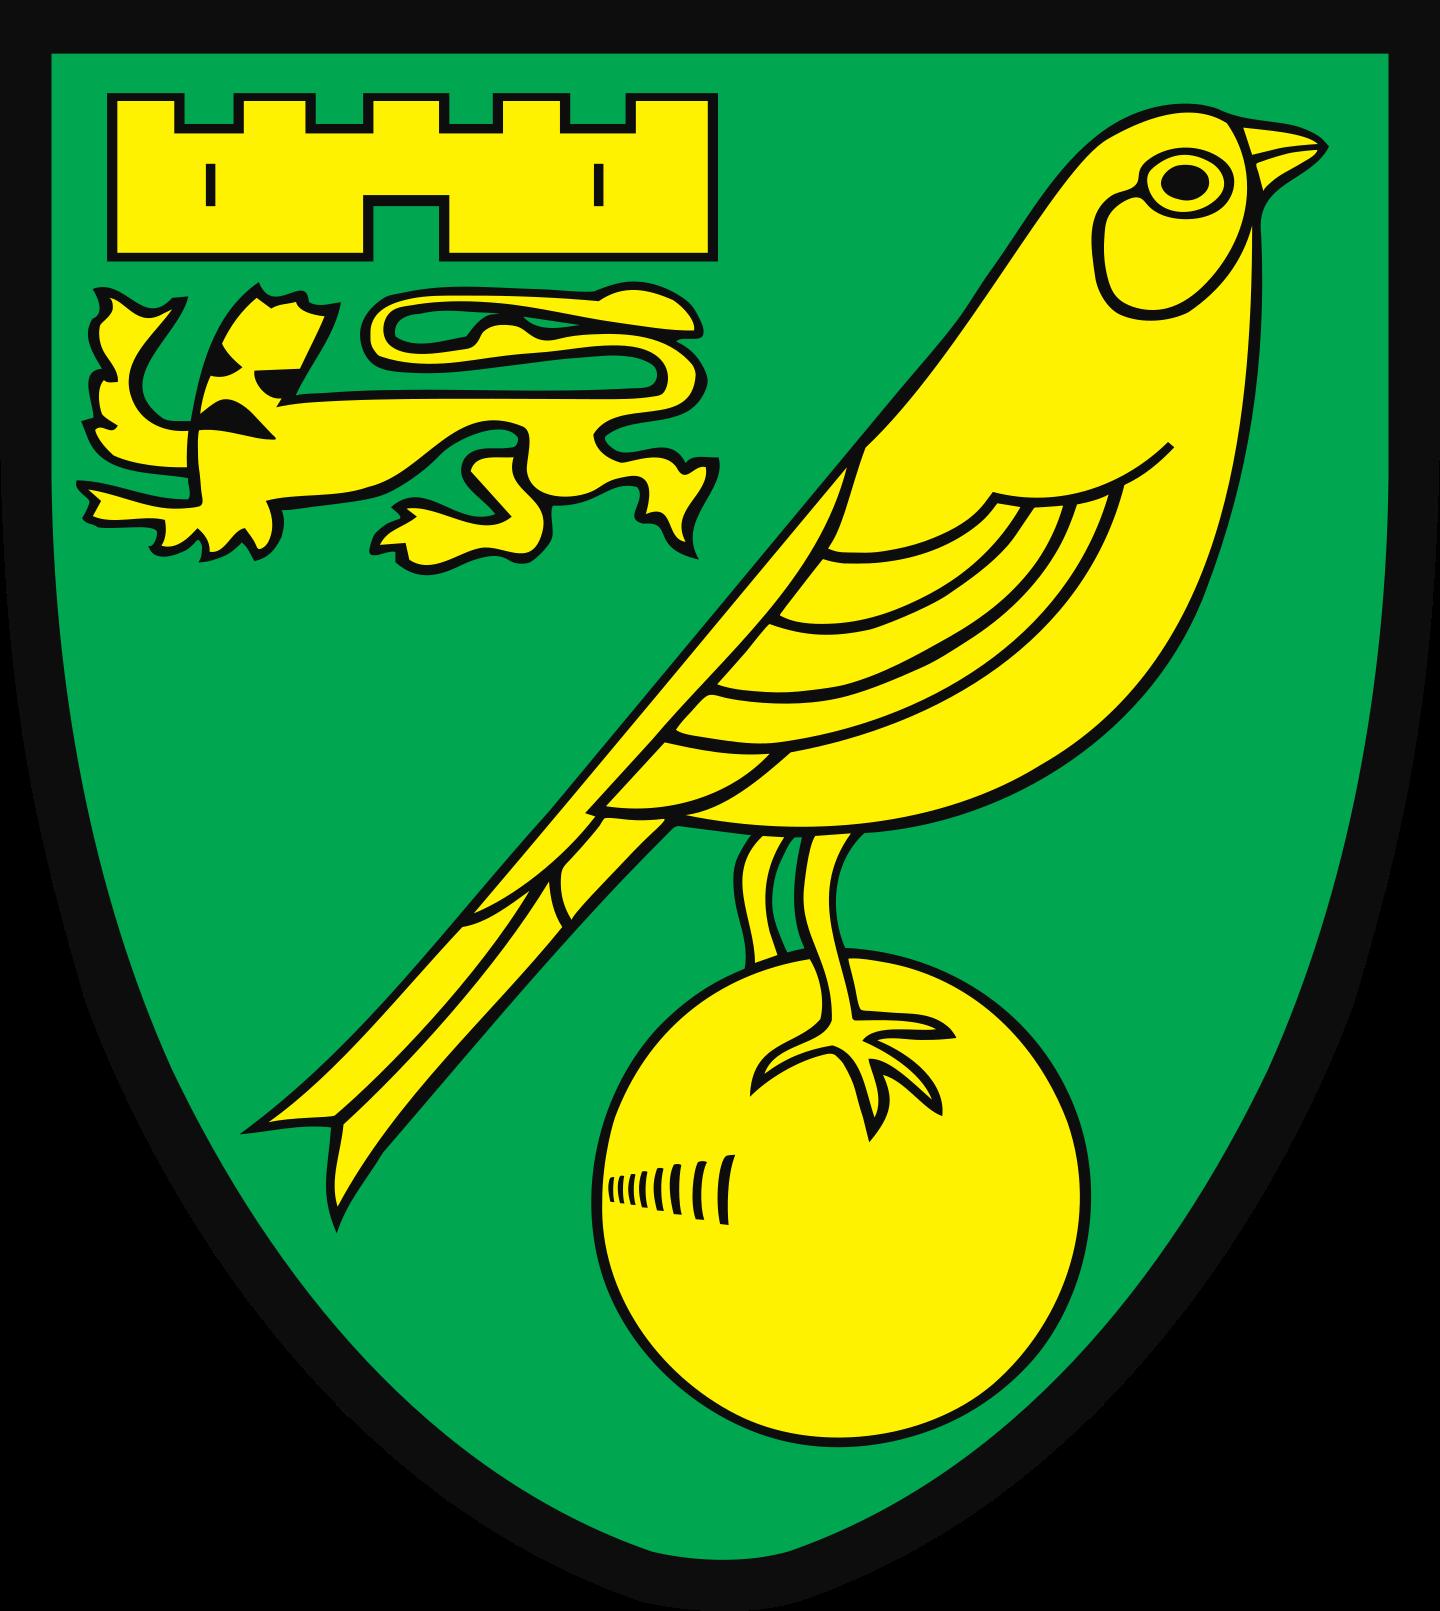 norwich fc logo 2 - Norwich City FC Logo